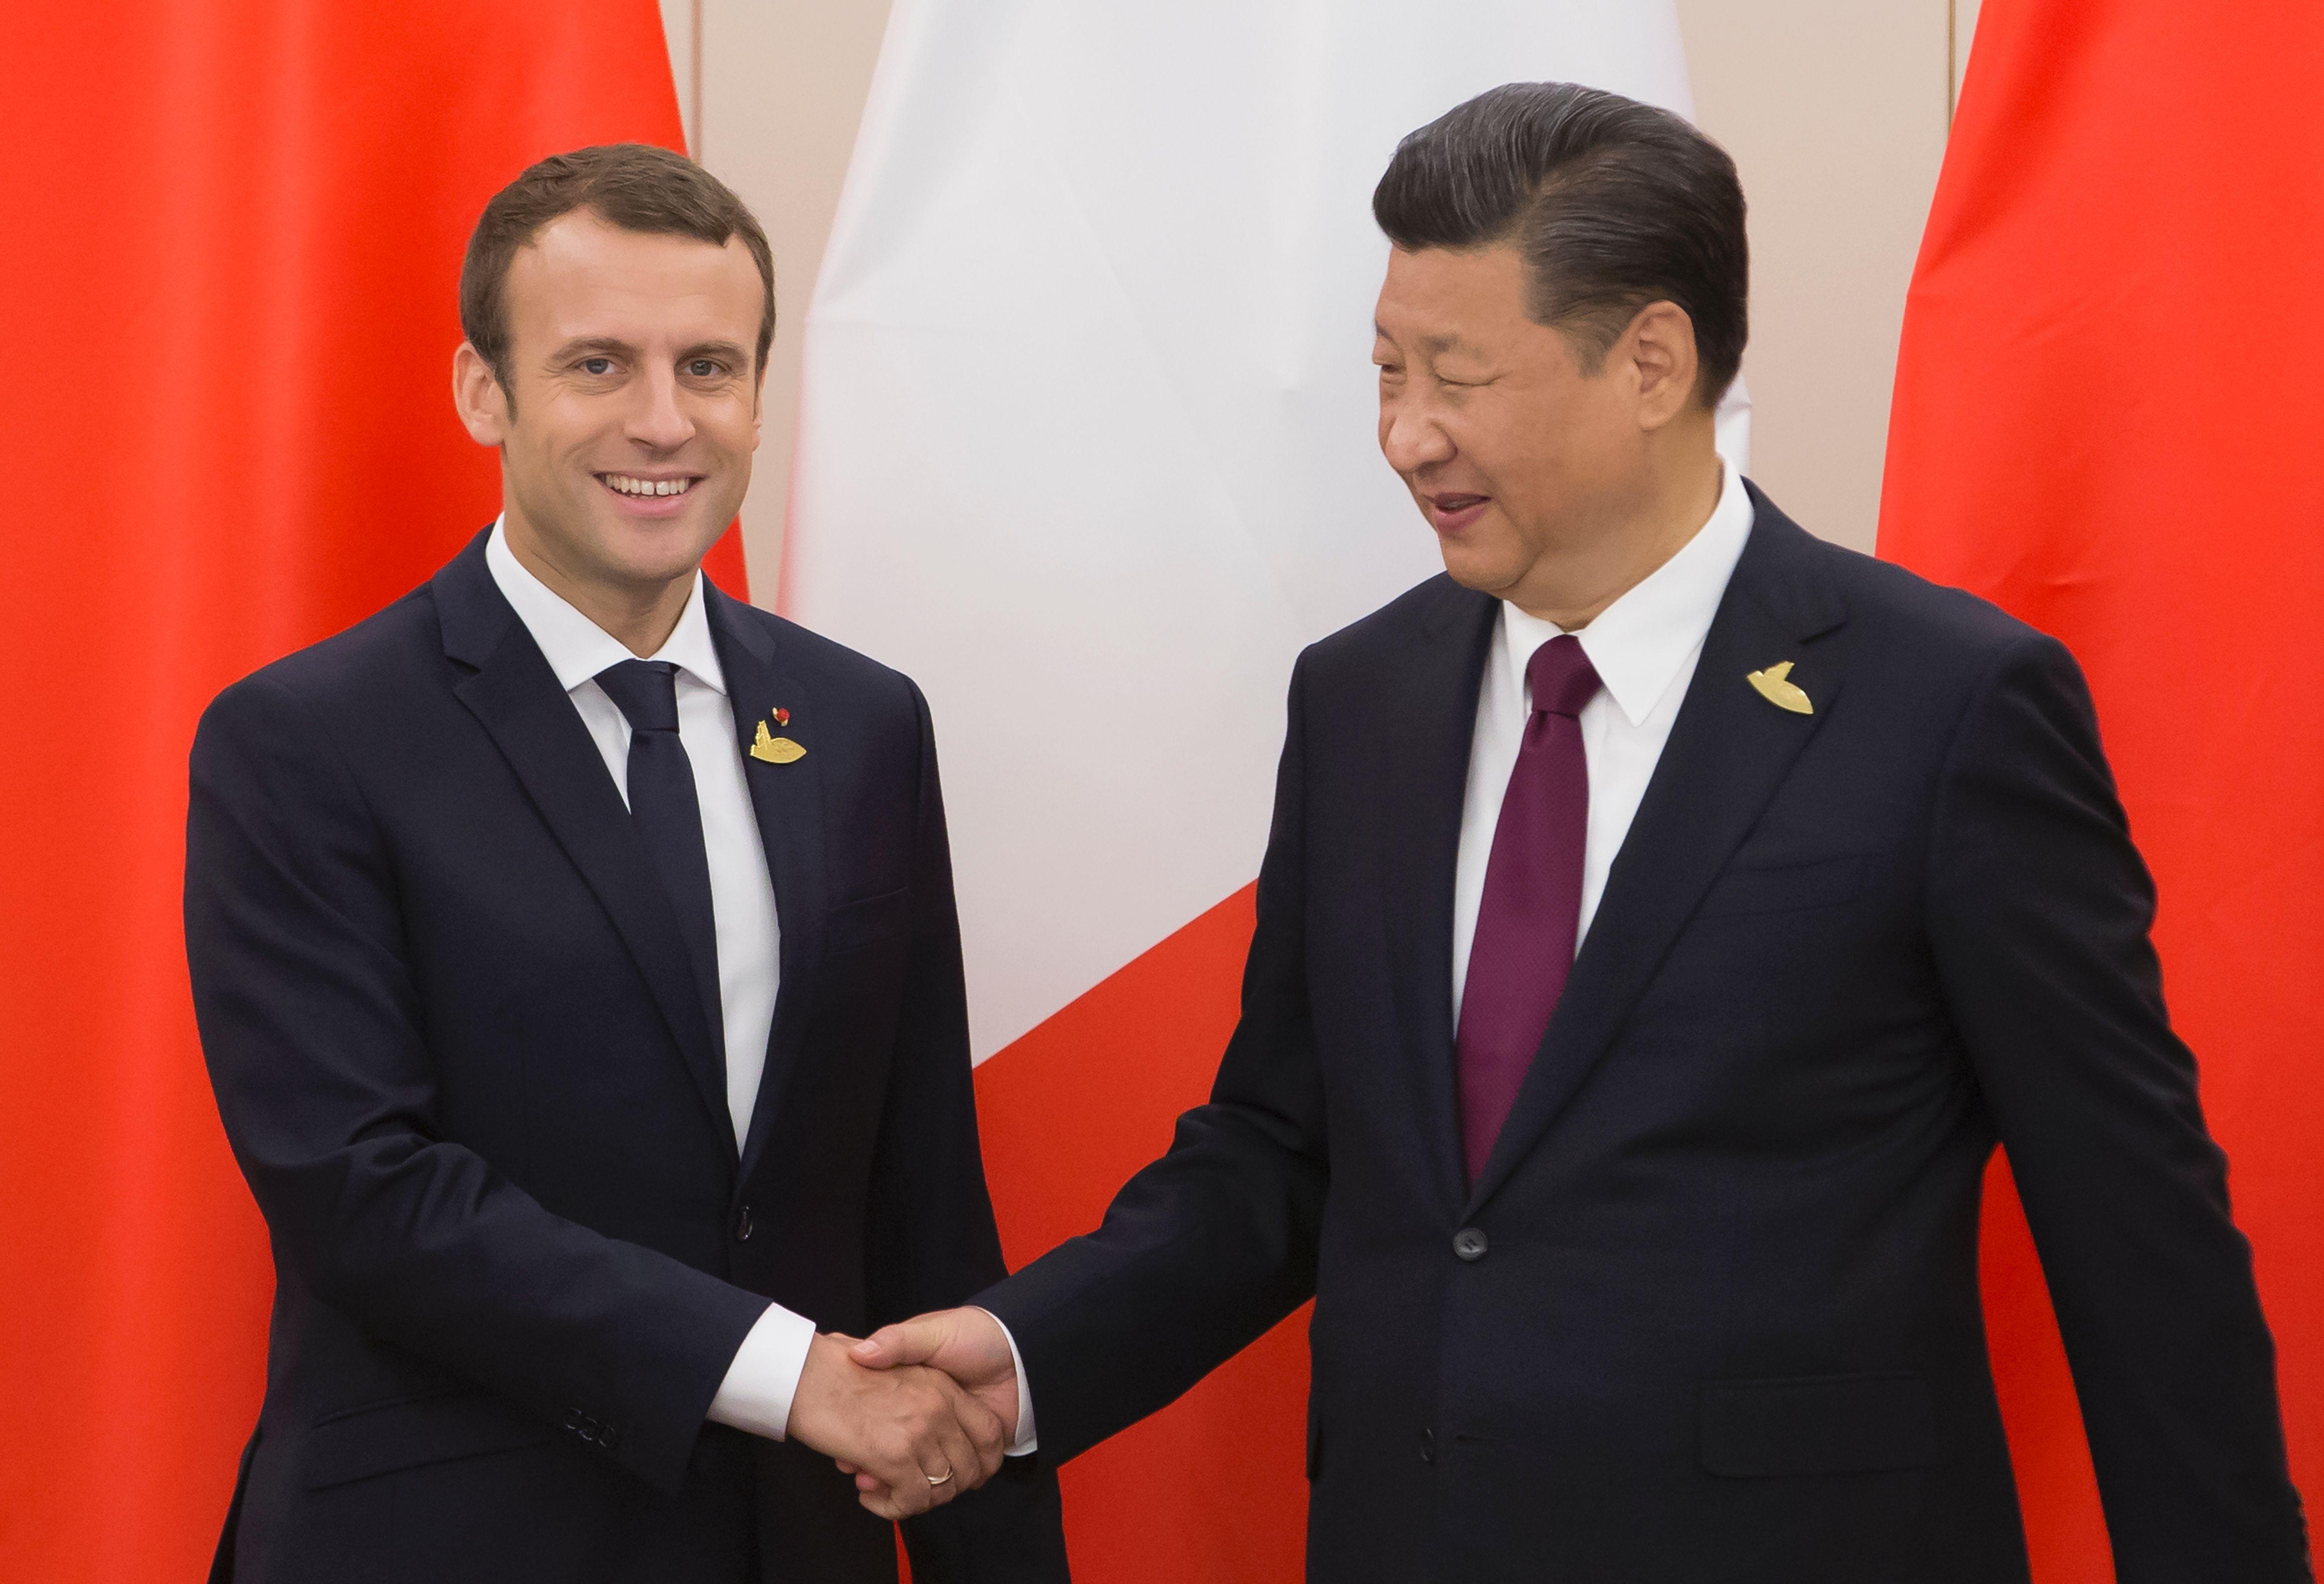 馬克龍告訴習近平:關注港局勢 支持一國兩制